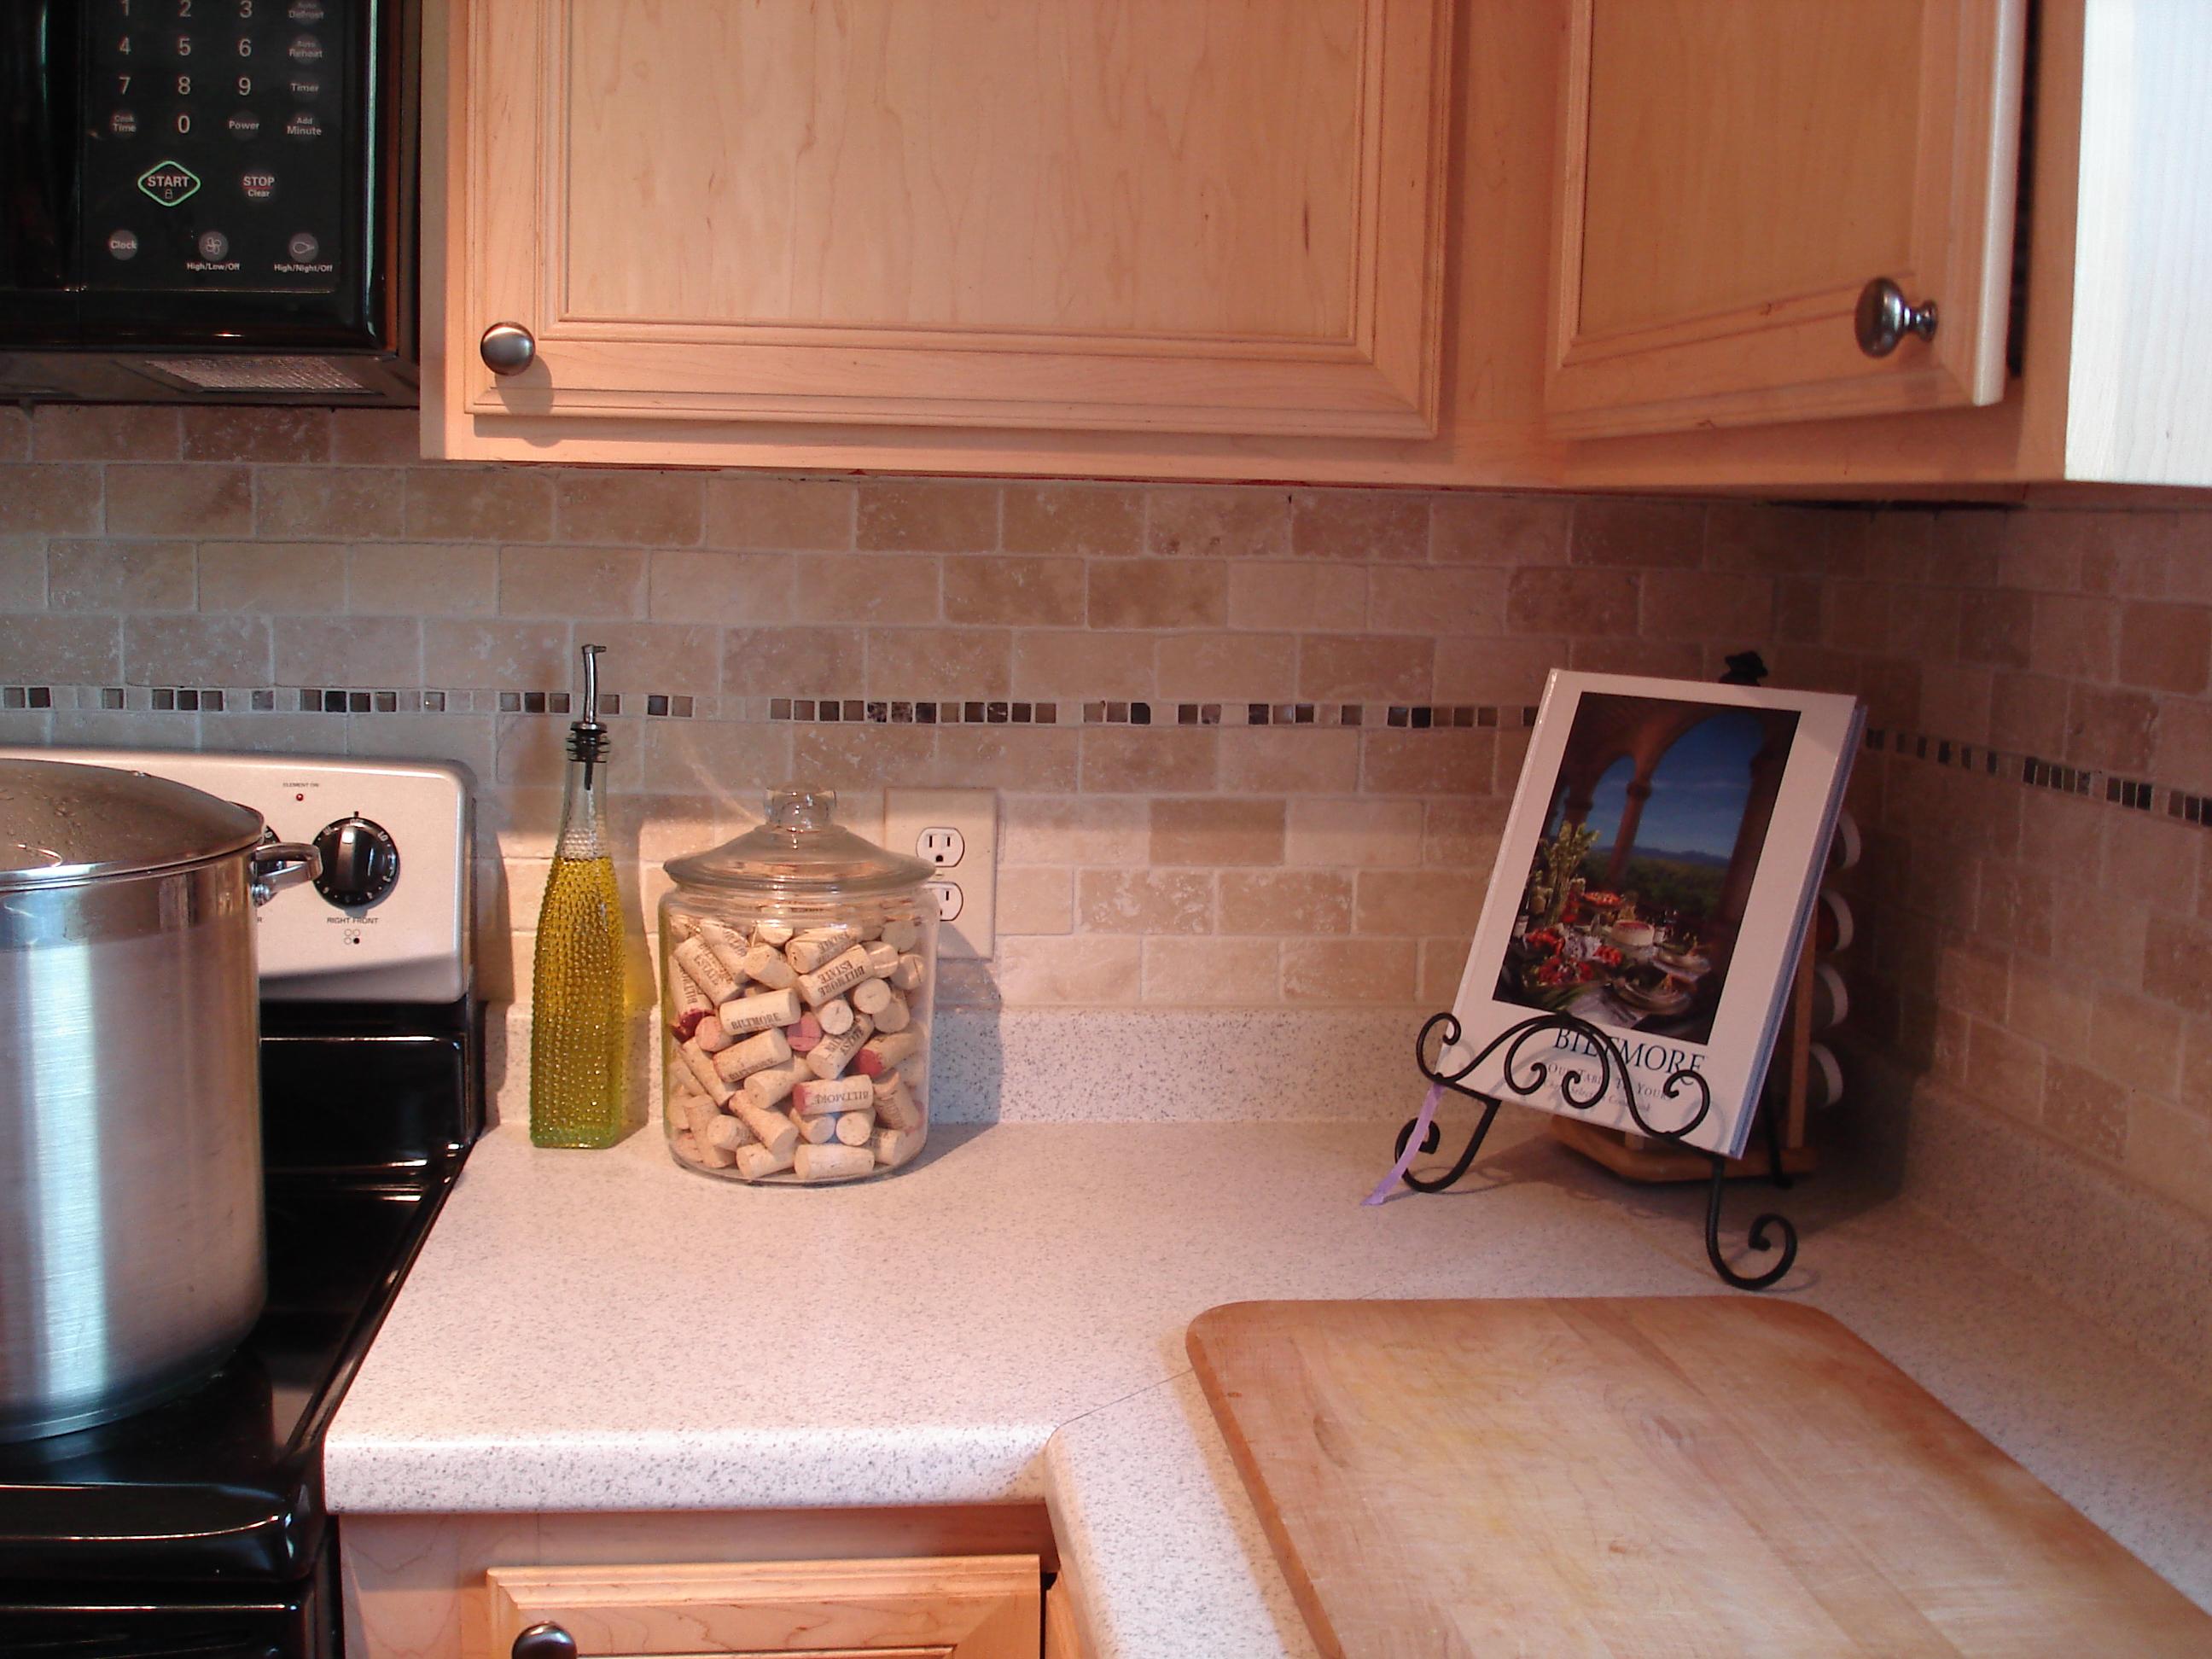 tutorial tile kitchen back splash backsplash for kitchen Tutorial Tile Kitchen Back Splash